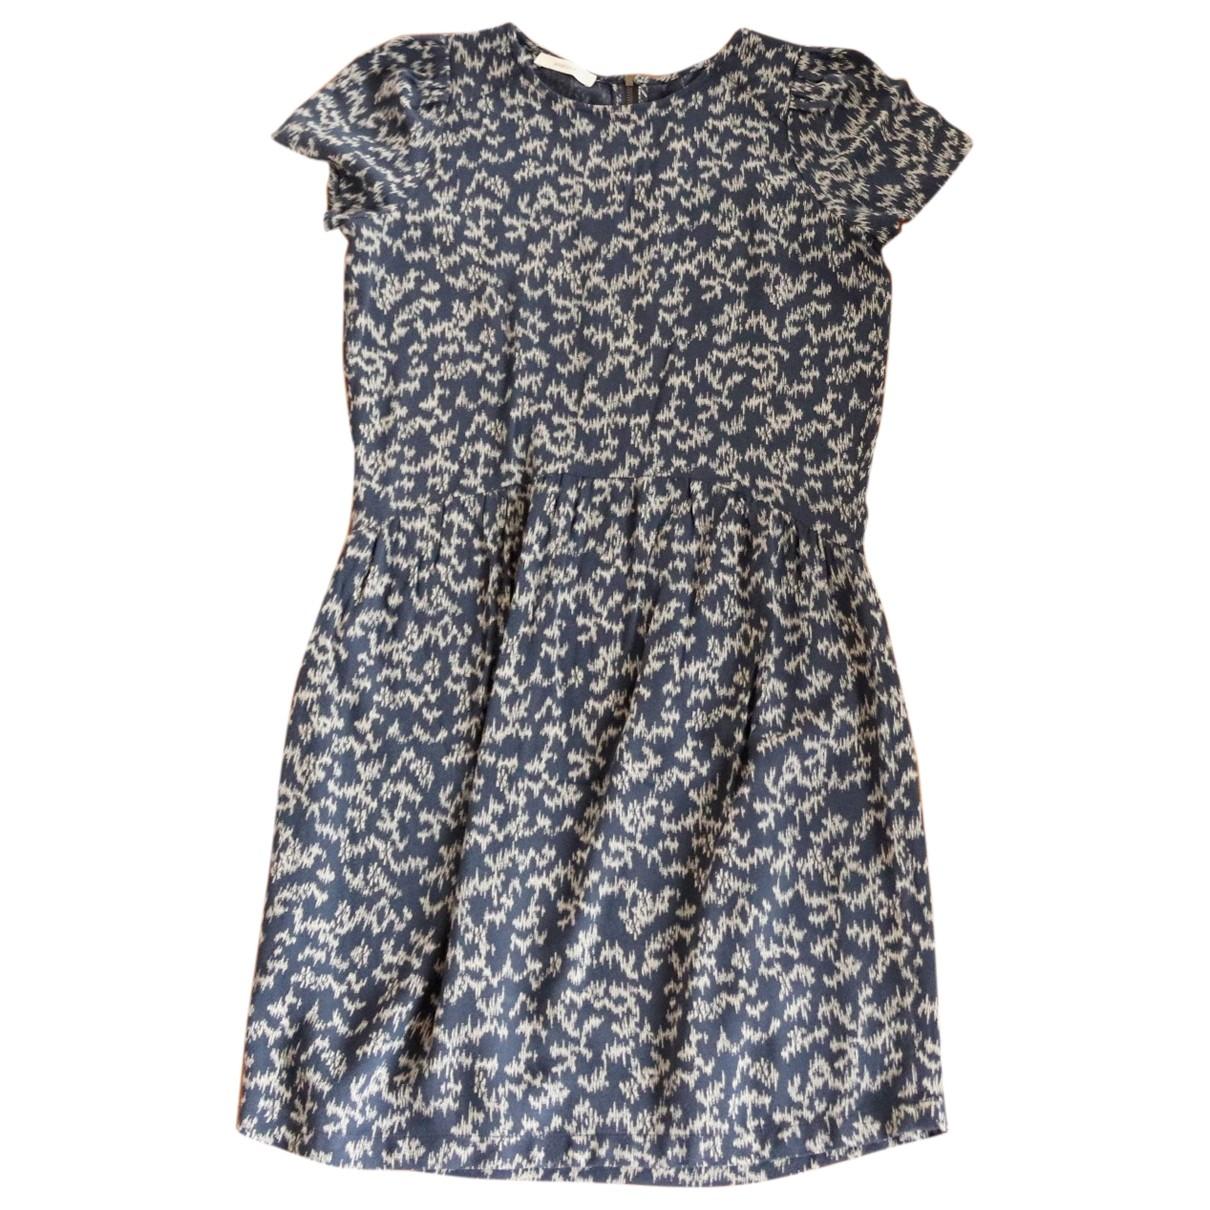 Sessun \N Kleid in  Blau Viskose